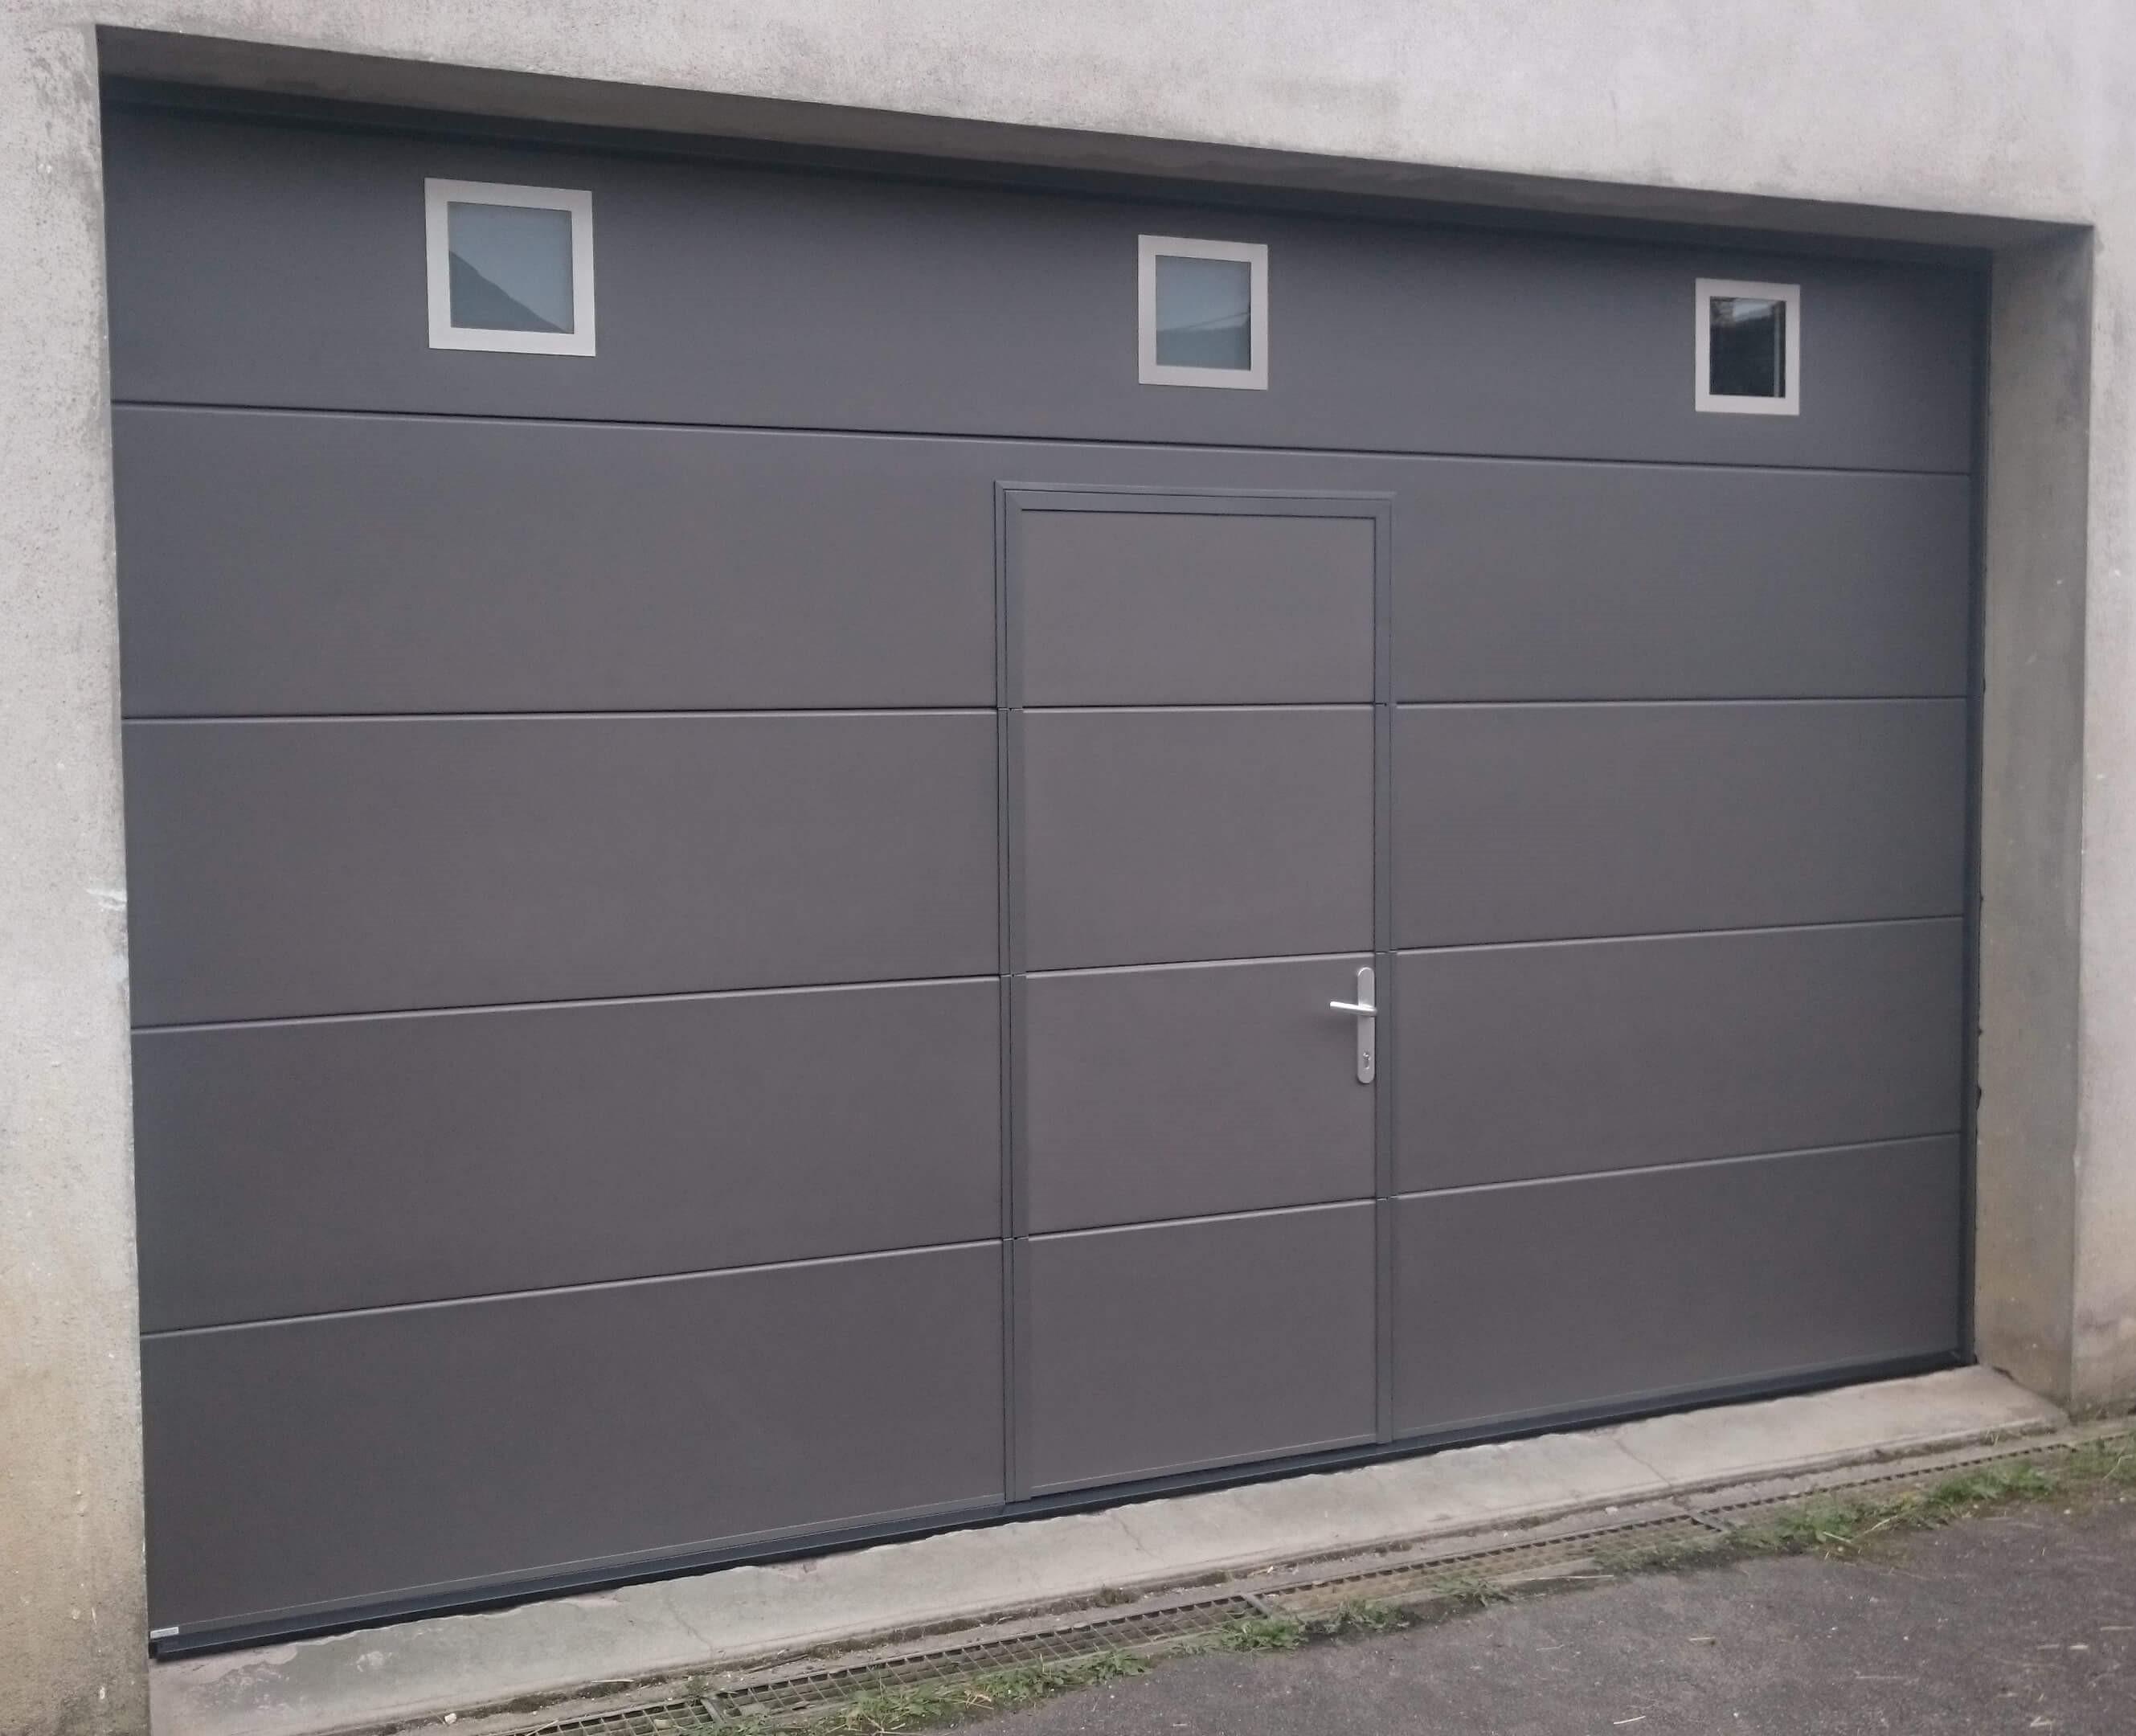 Menuiserie Figard - Fabrication sur mesure - Porte de garage sectionnelle avec hublot et portillon-